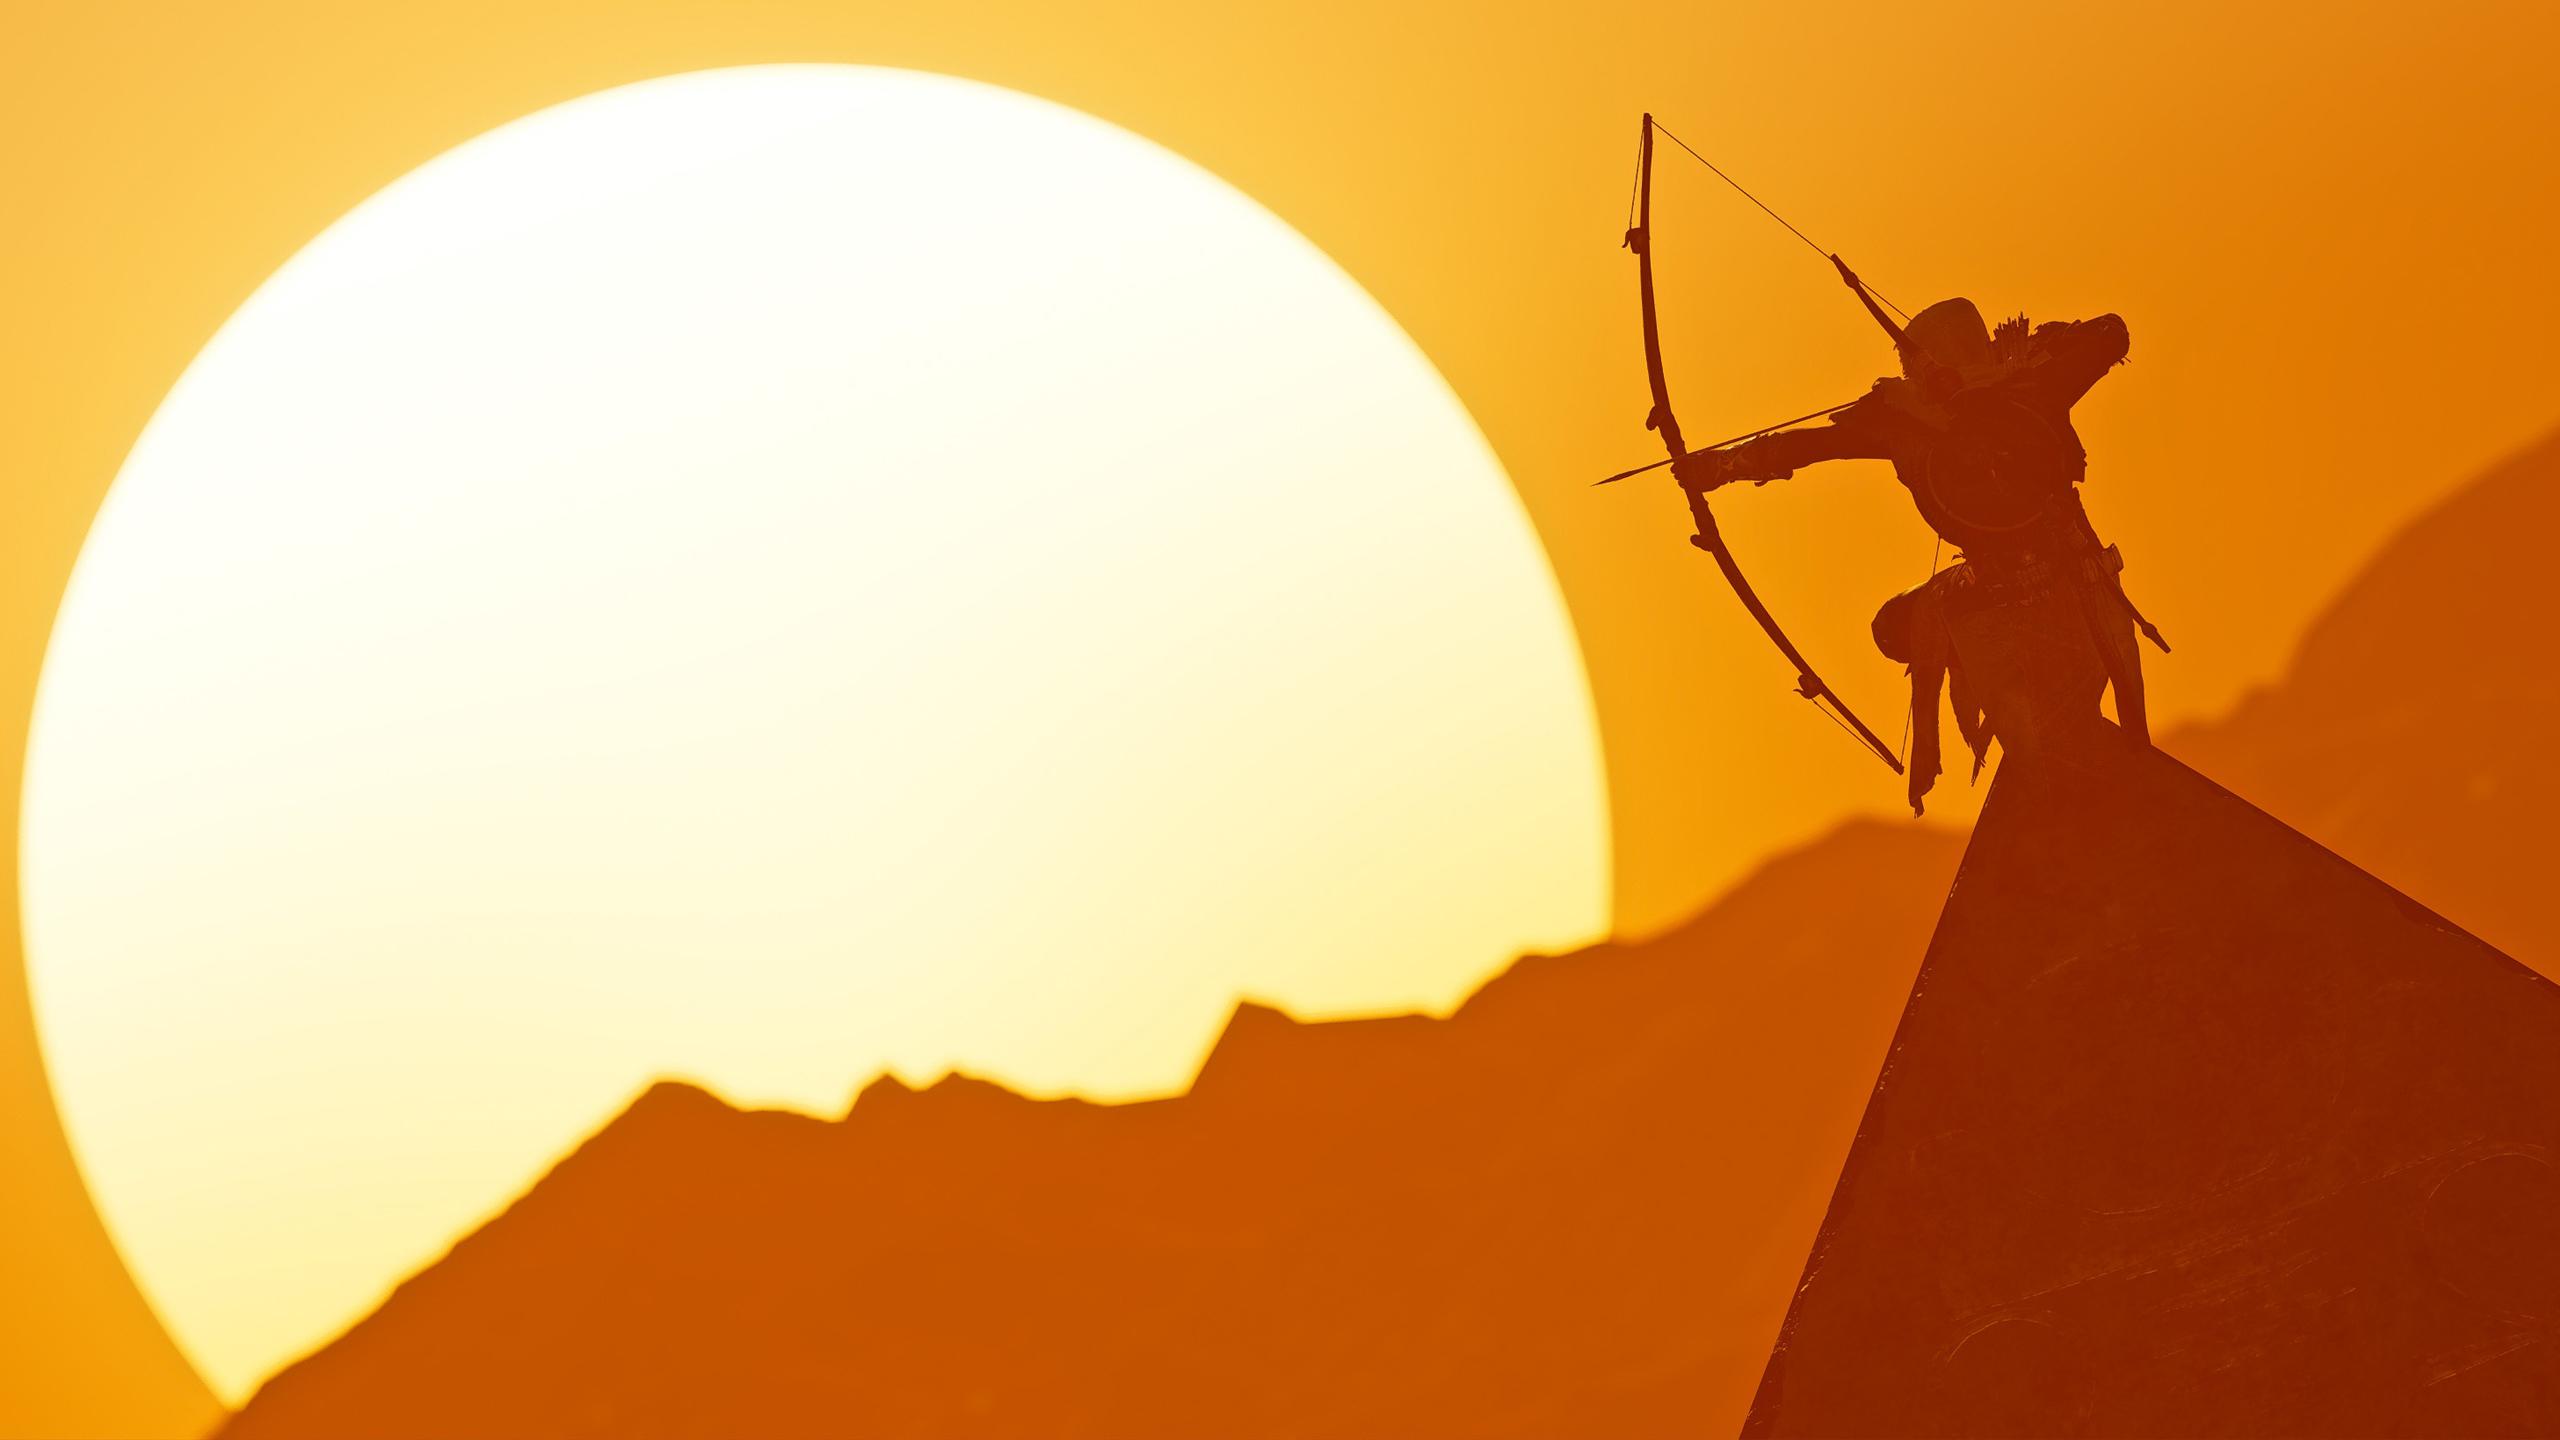 Assassins creed происхождение байек сива обои скачать